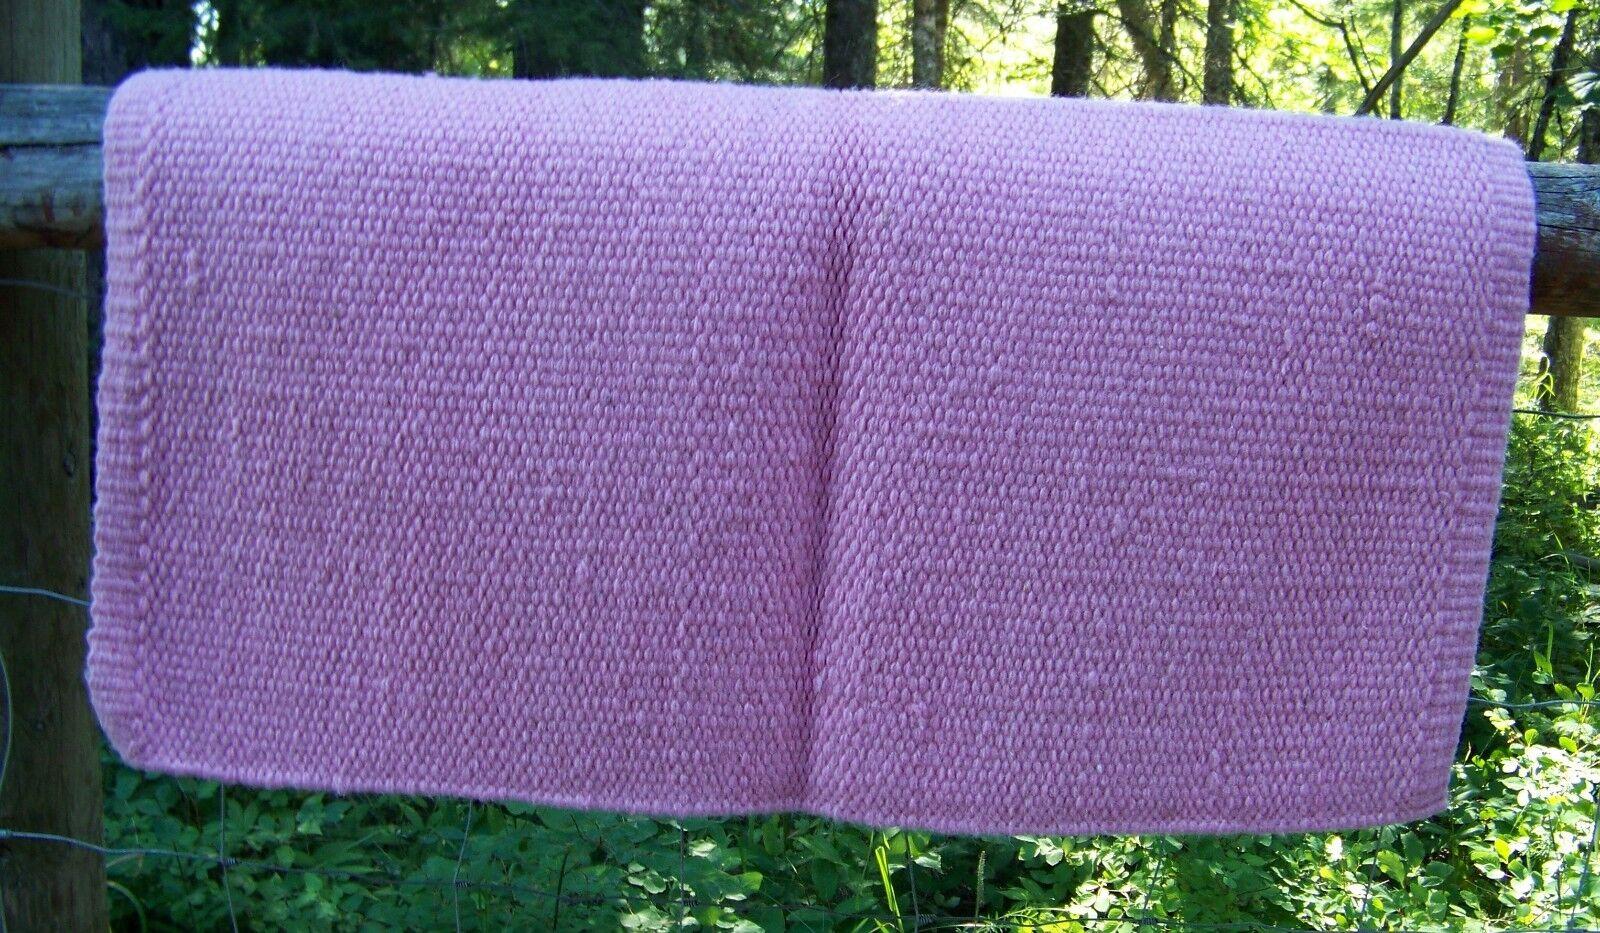 San Juan Solid Wool Show Blanket - 34 x 36 (Sweet Pink) by Mayatex